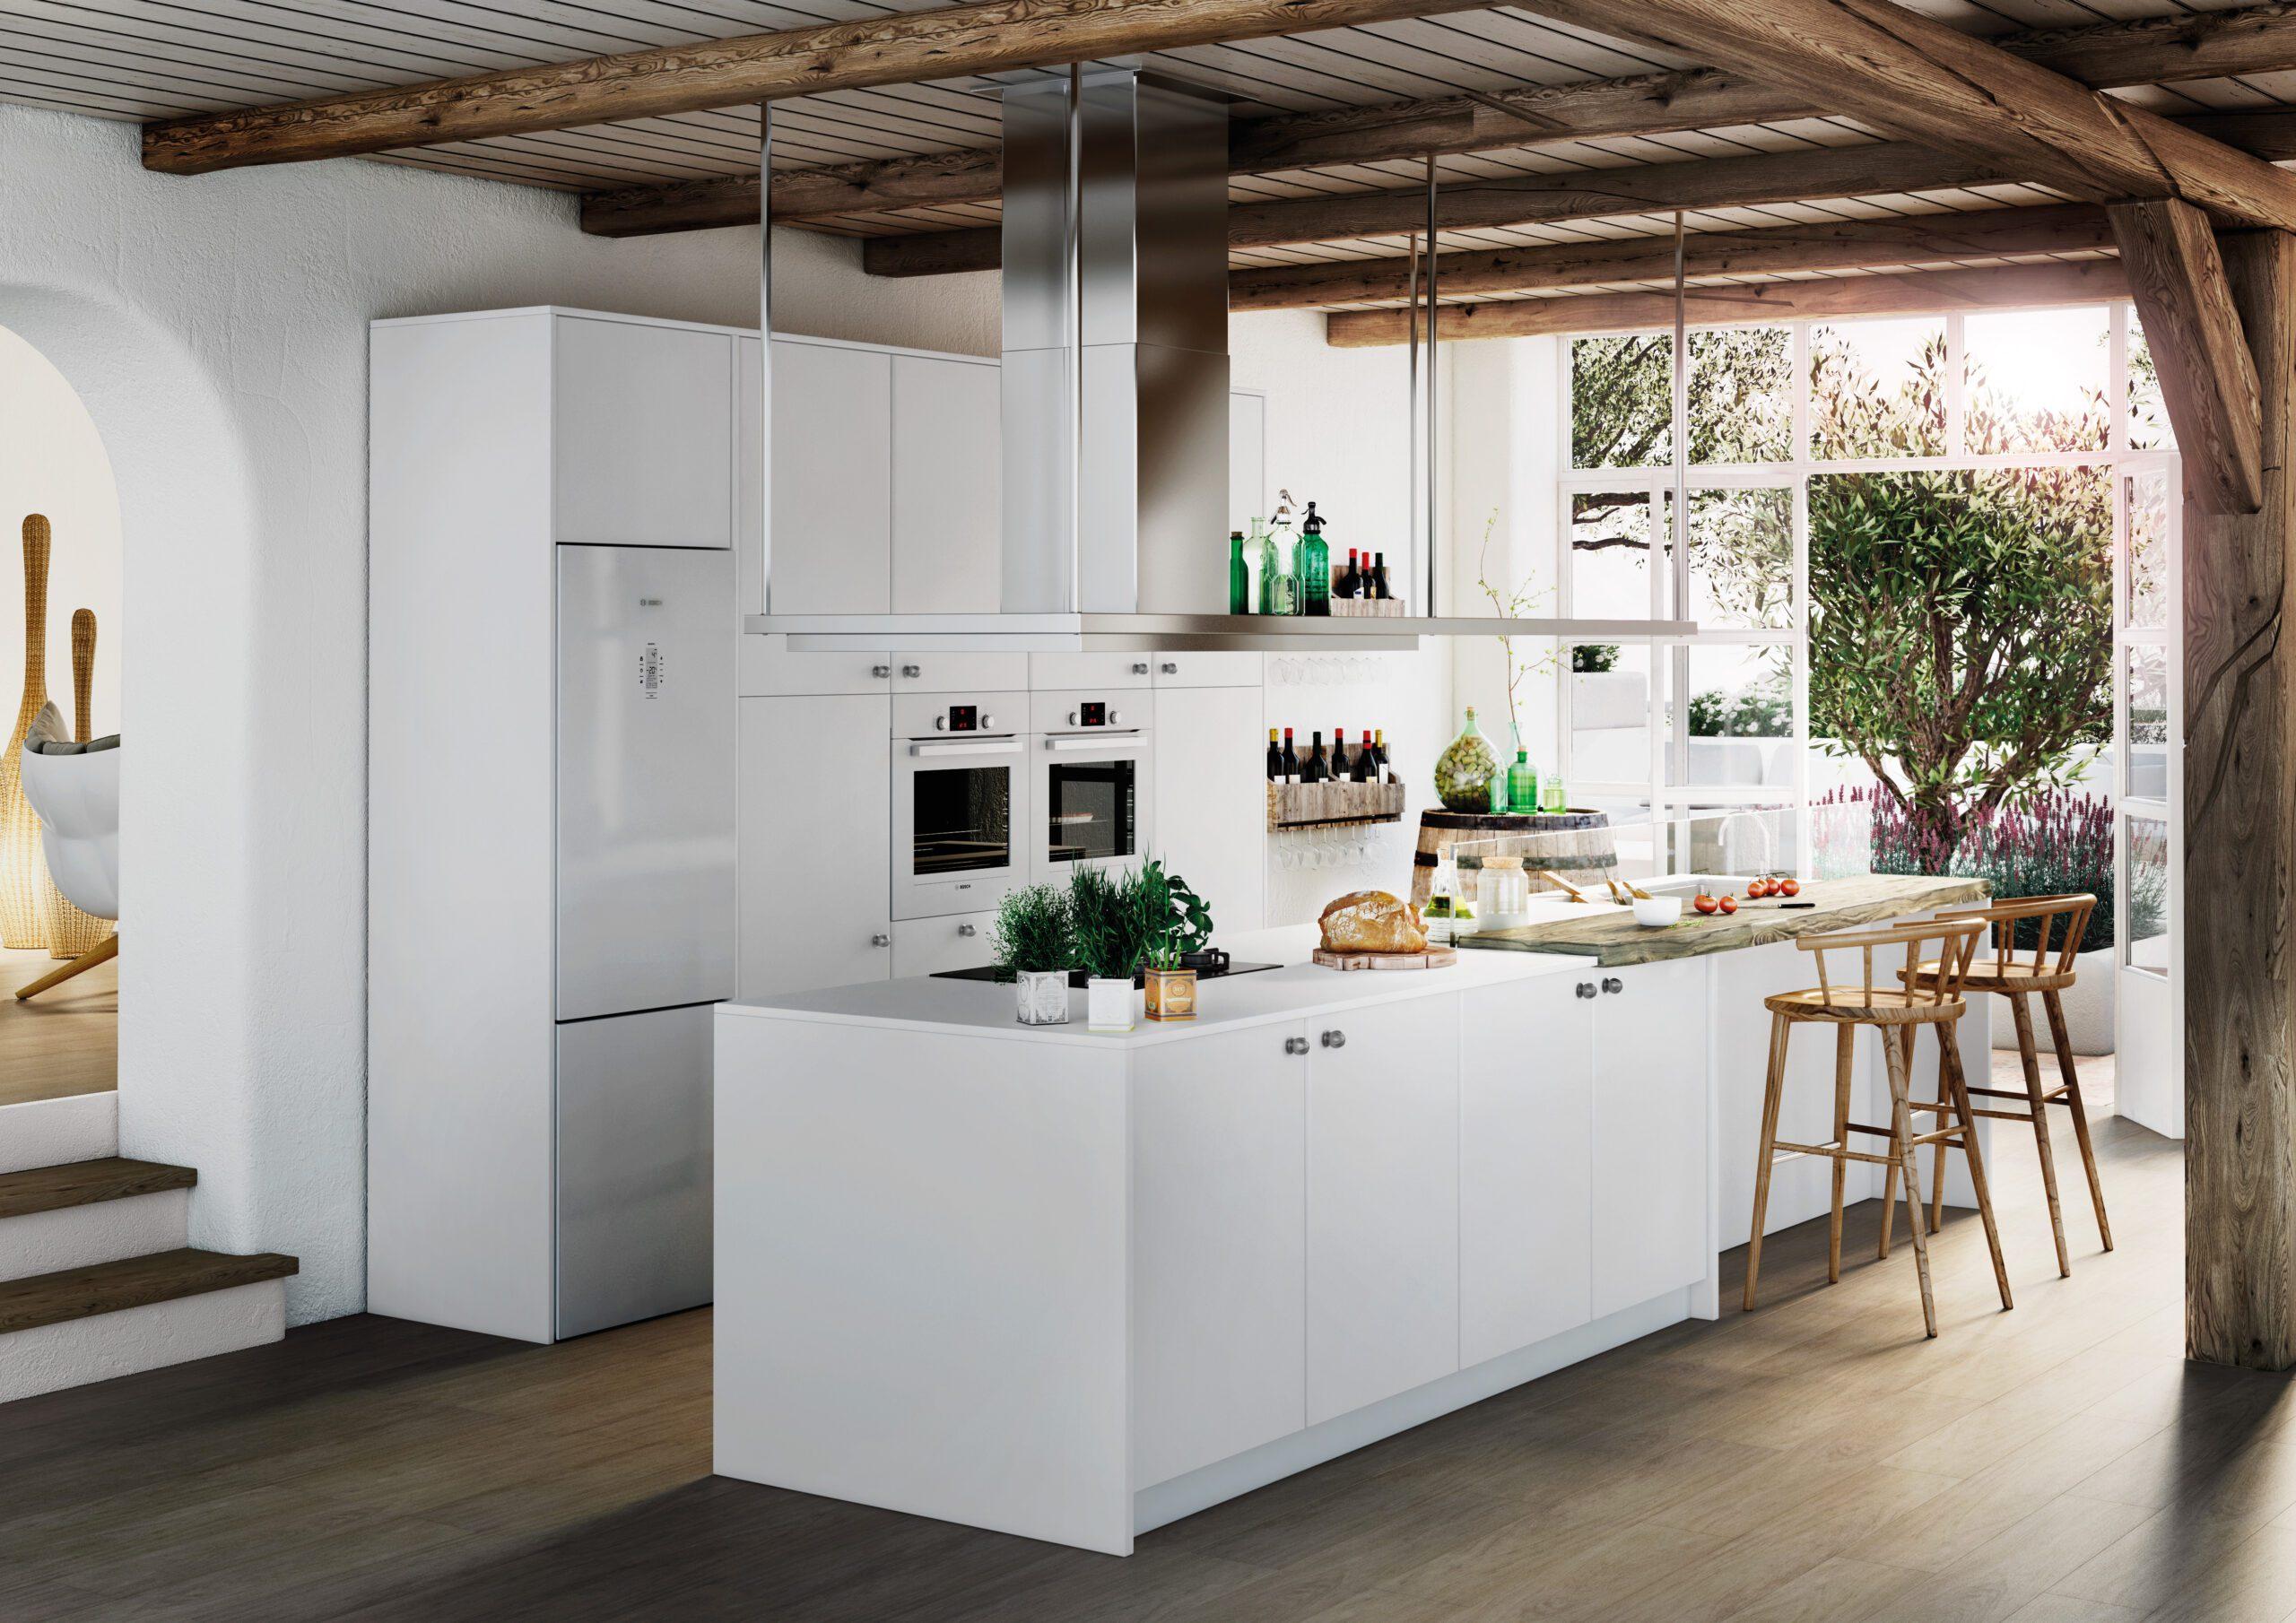 Cómo iluminar la cocina - Equipamiento de Cocinas - photo#9